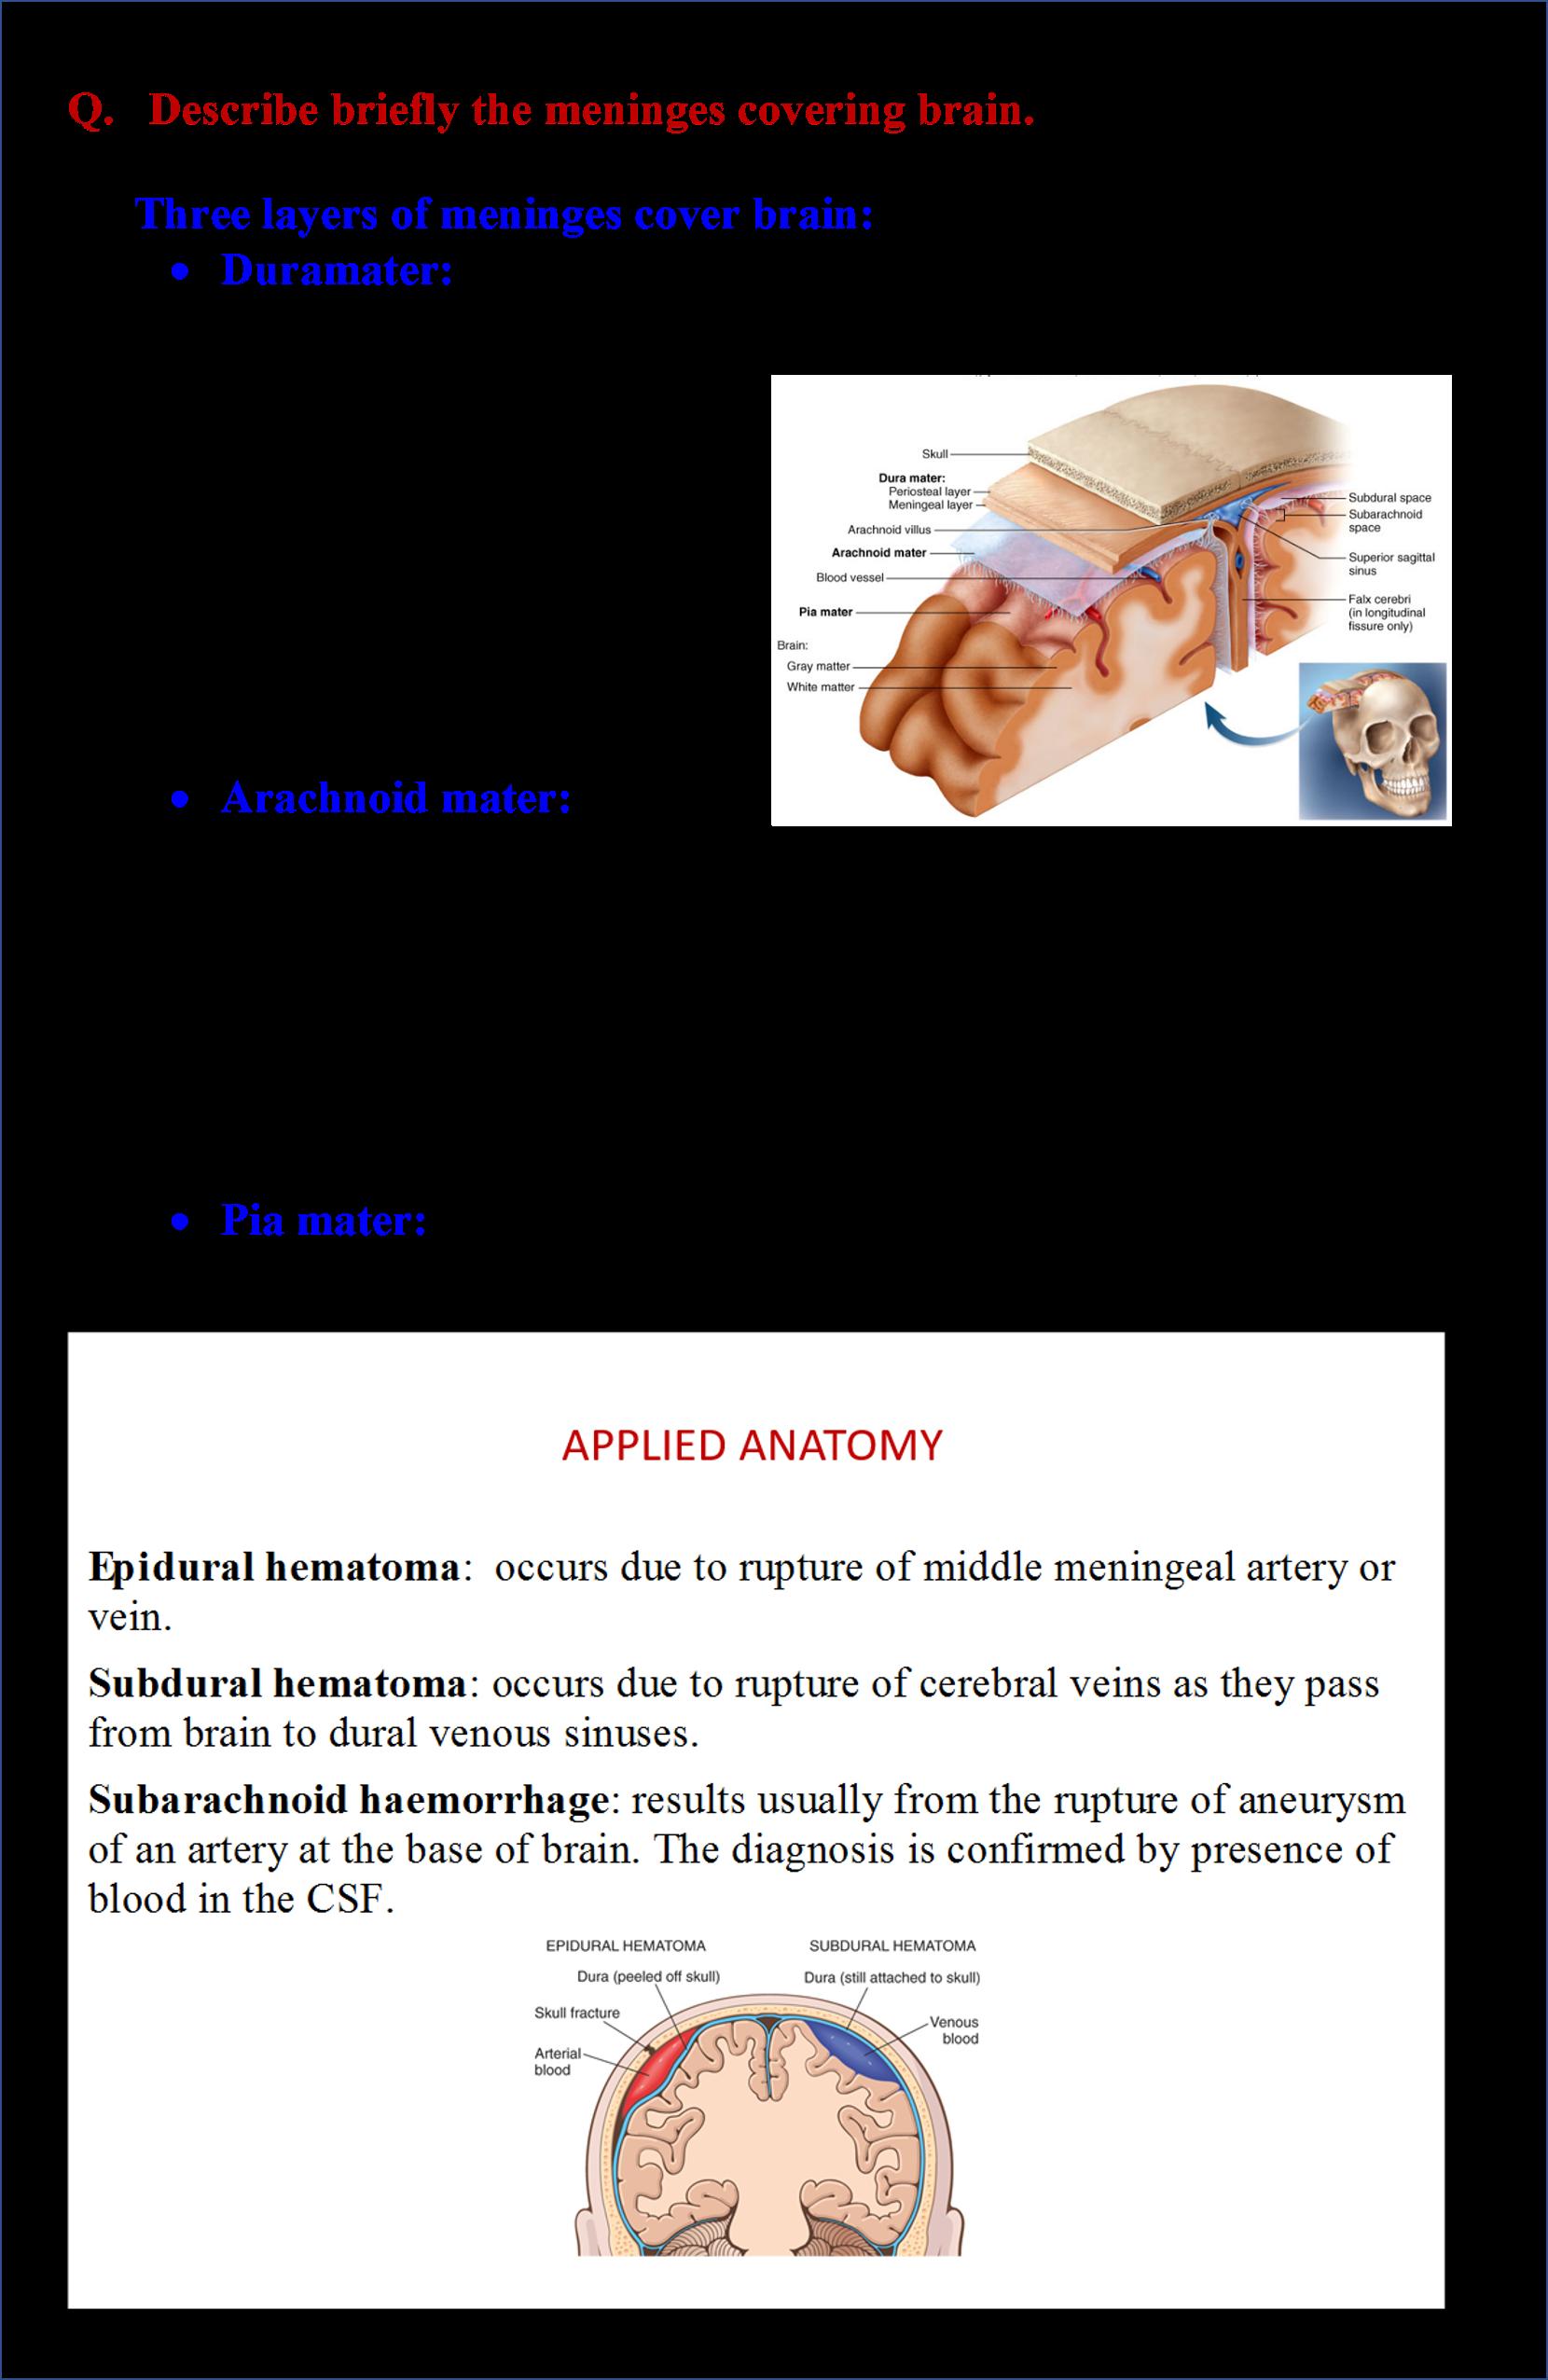 Dural Sinus Anatomy